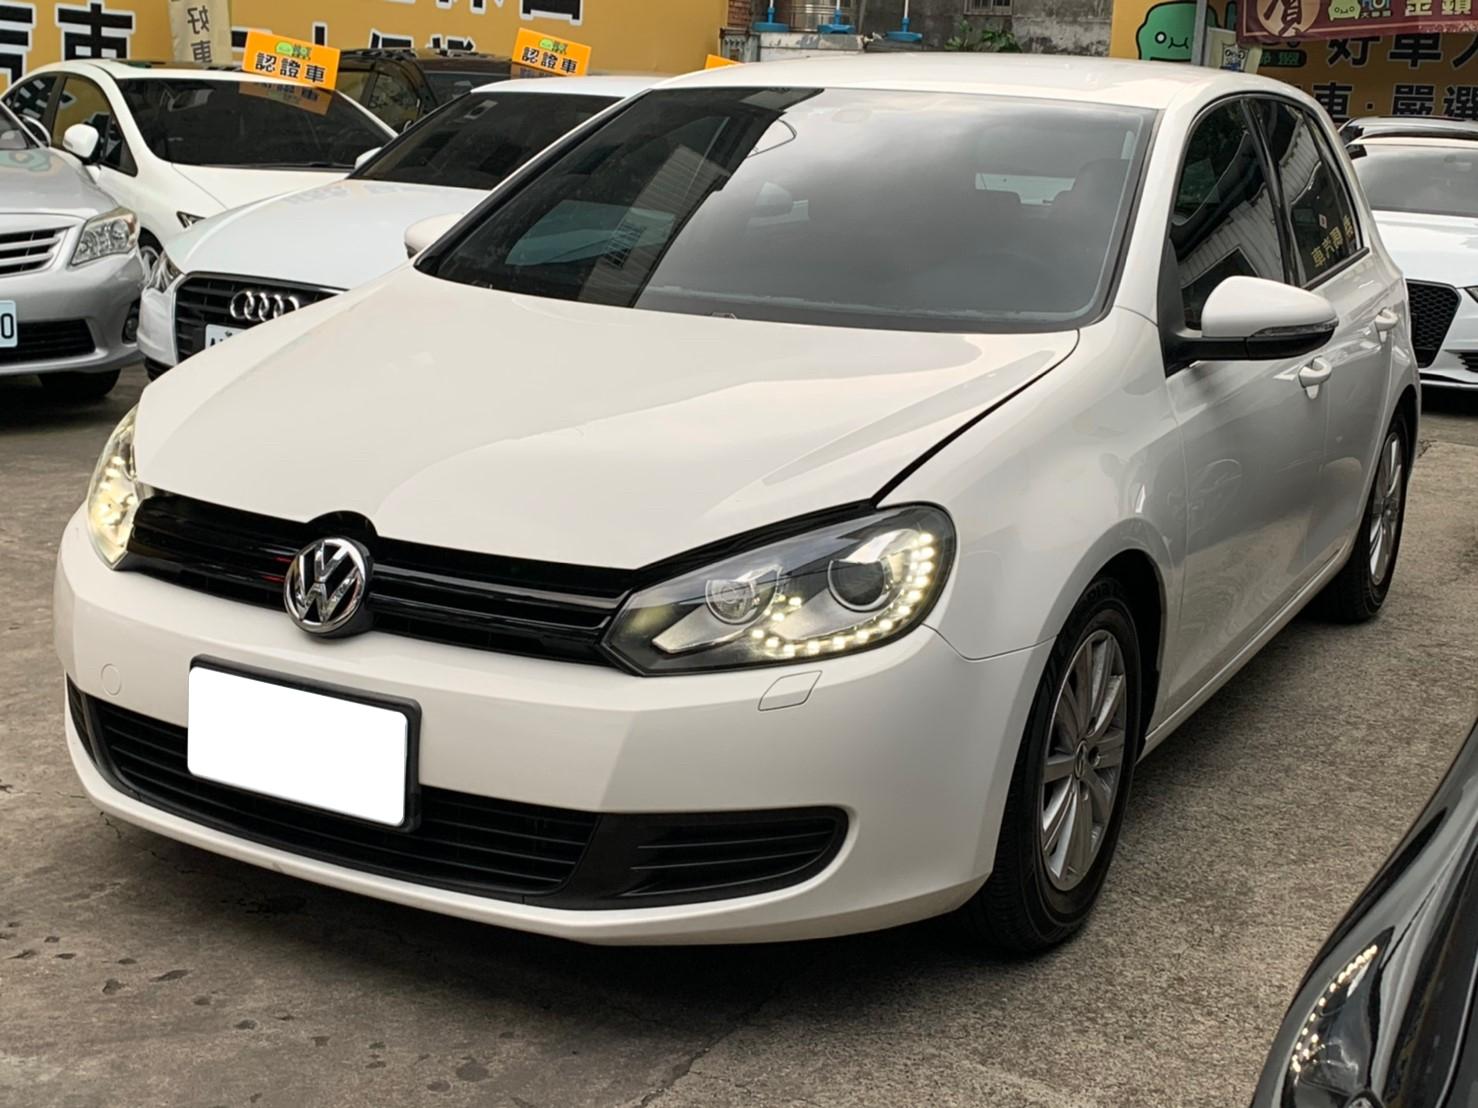 2012 Volkswagen 福斯 Golf